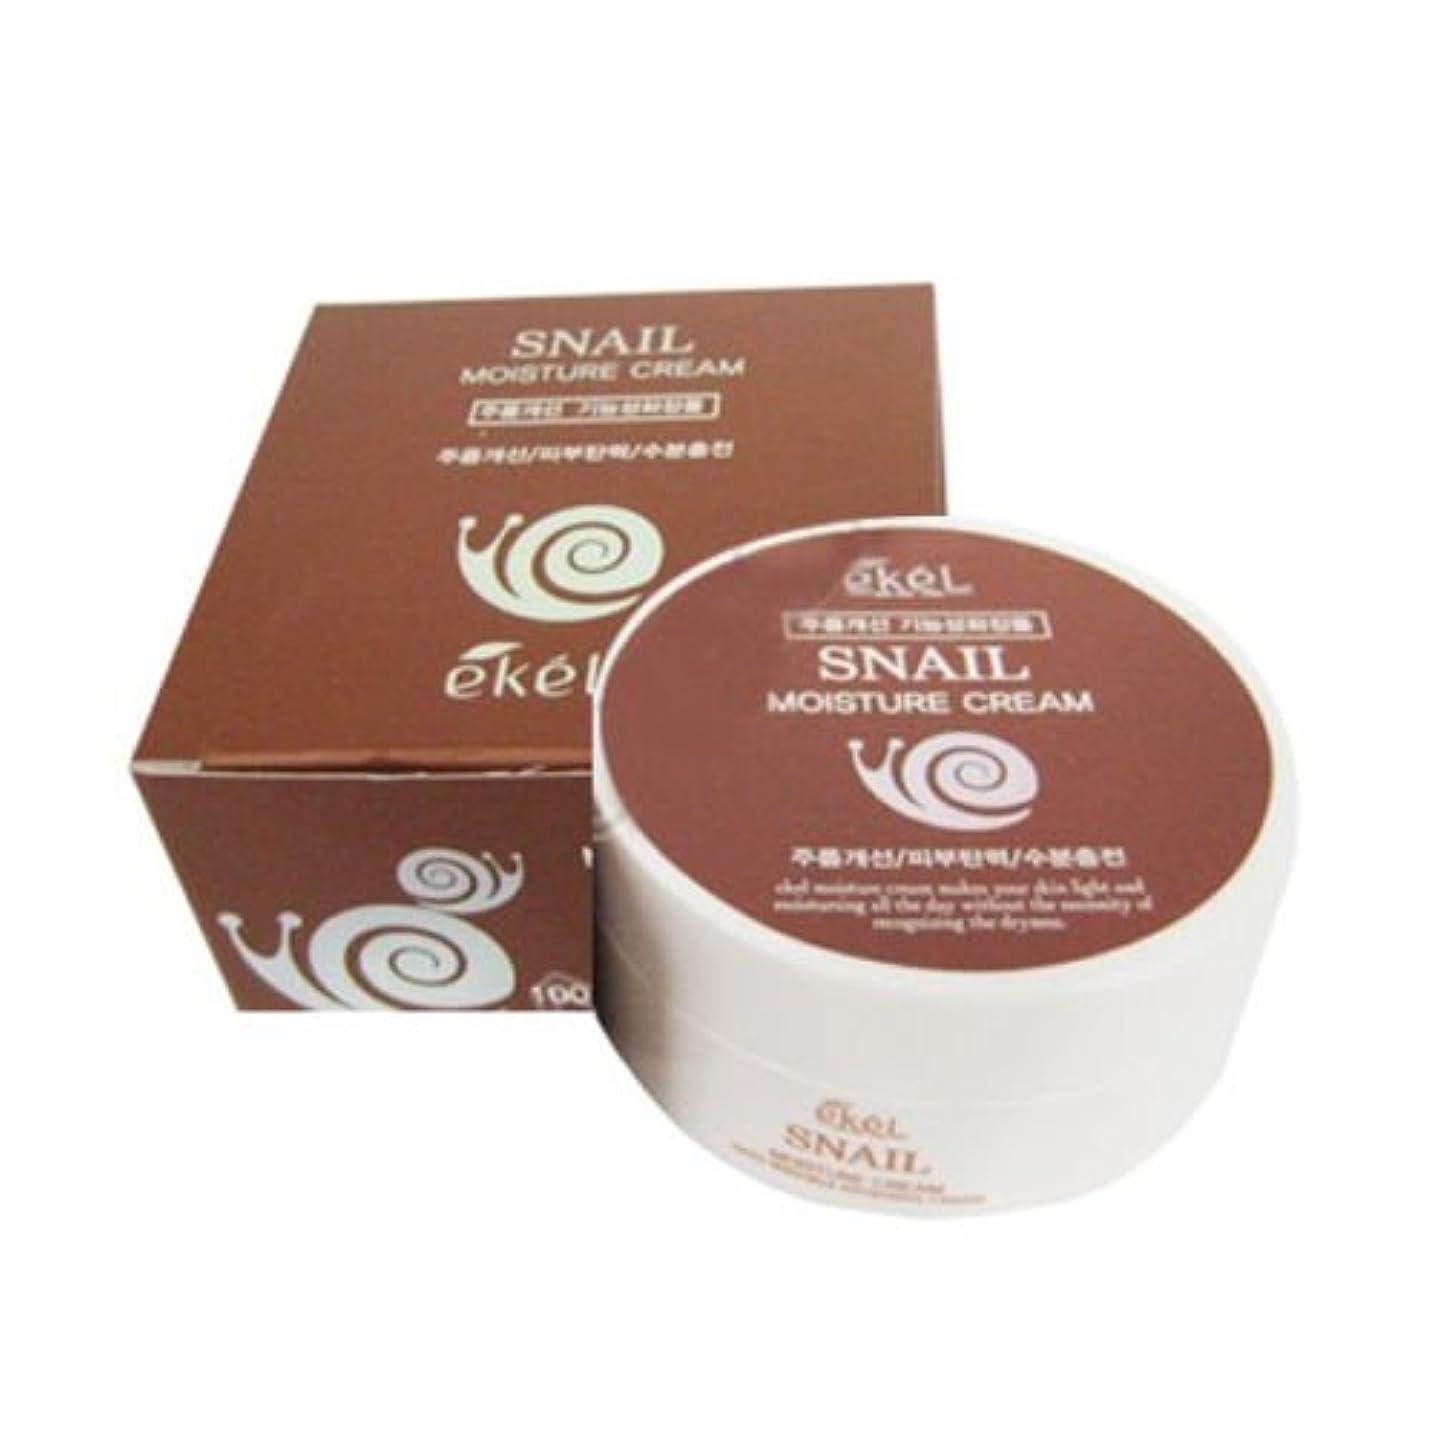 線エクステント旅行者イケル[韓国コスメEkel]Snail Moisture Cream カタツムリモイスチャークリーム100g [並行輸入品]